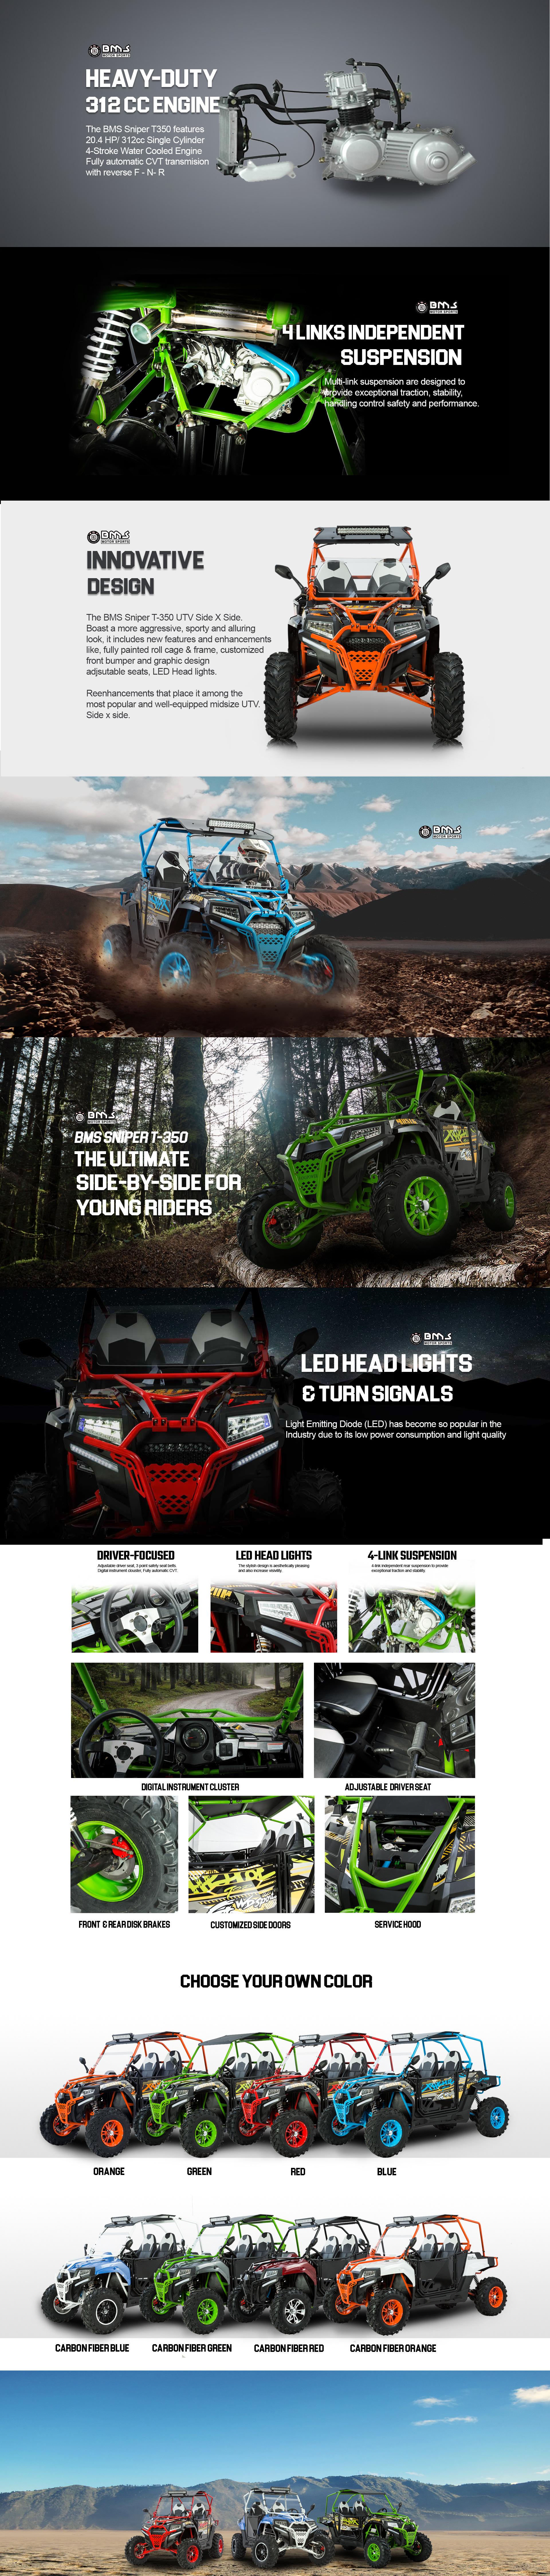 SNIPER T 350 BMS 311cc Sport UTV Specifications